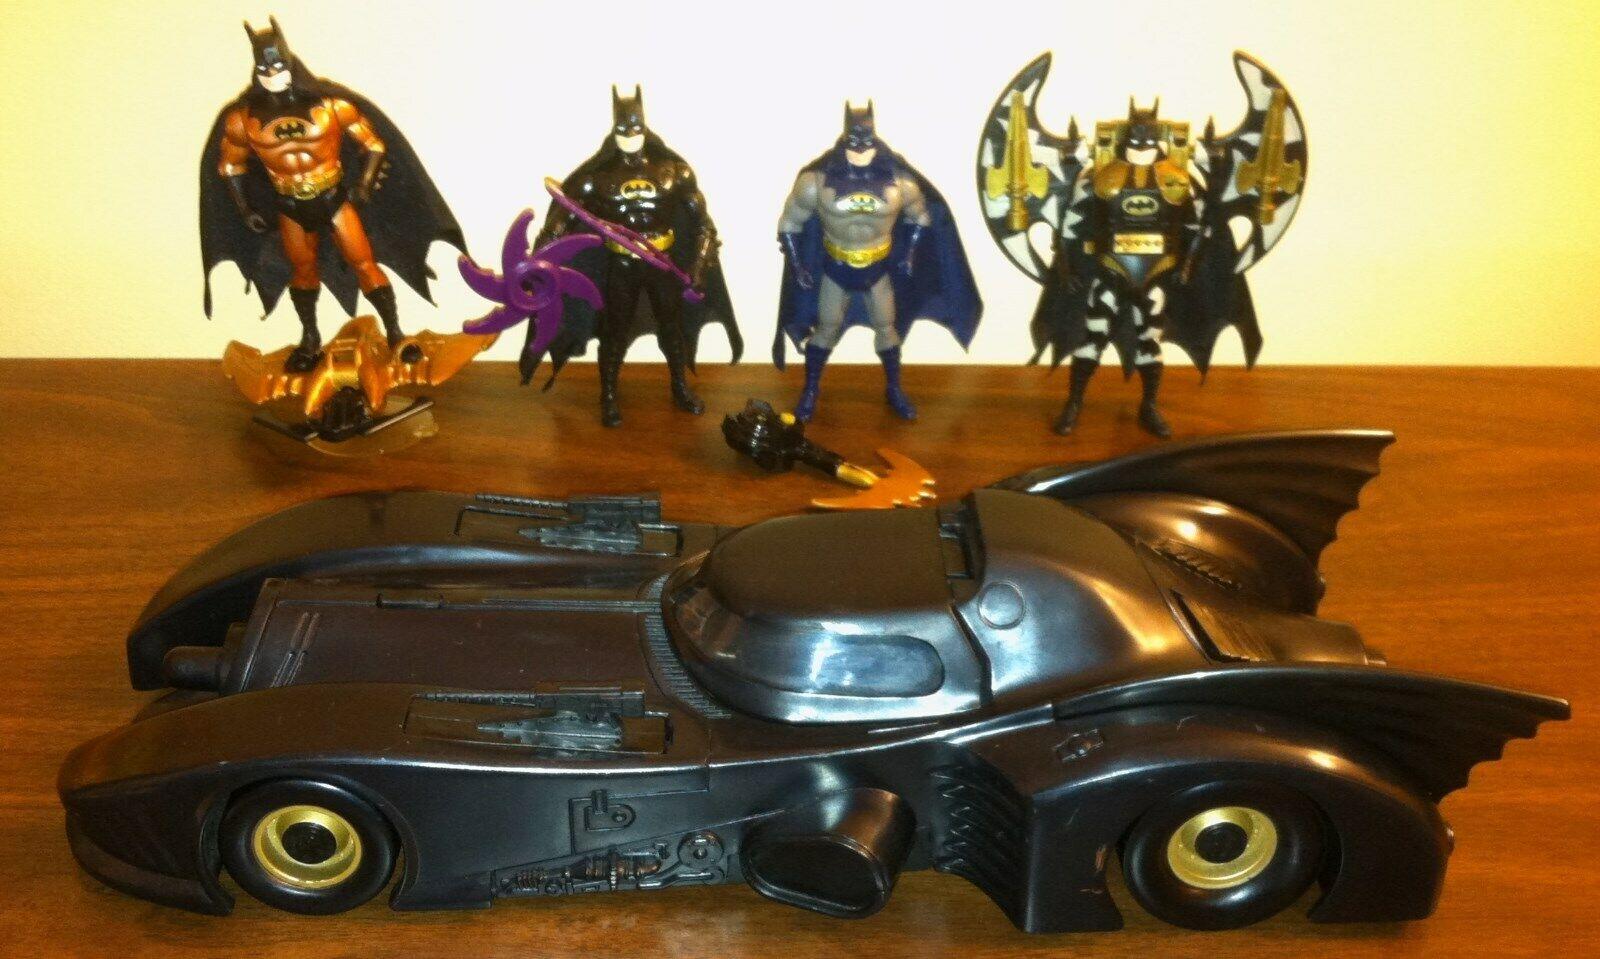 1990 KENNER BATuomo CAVALIERE OSCURO Collezione Batmobile con 4 cifra